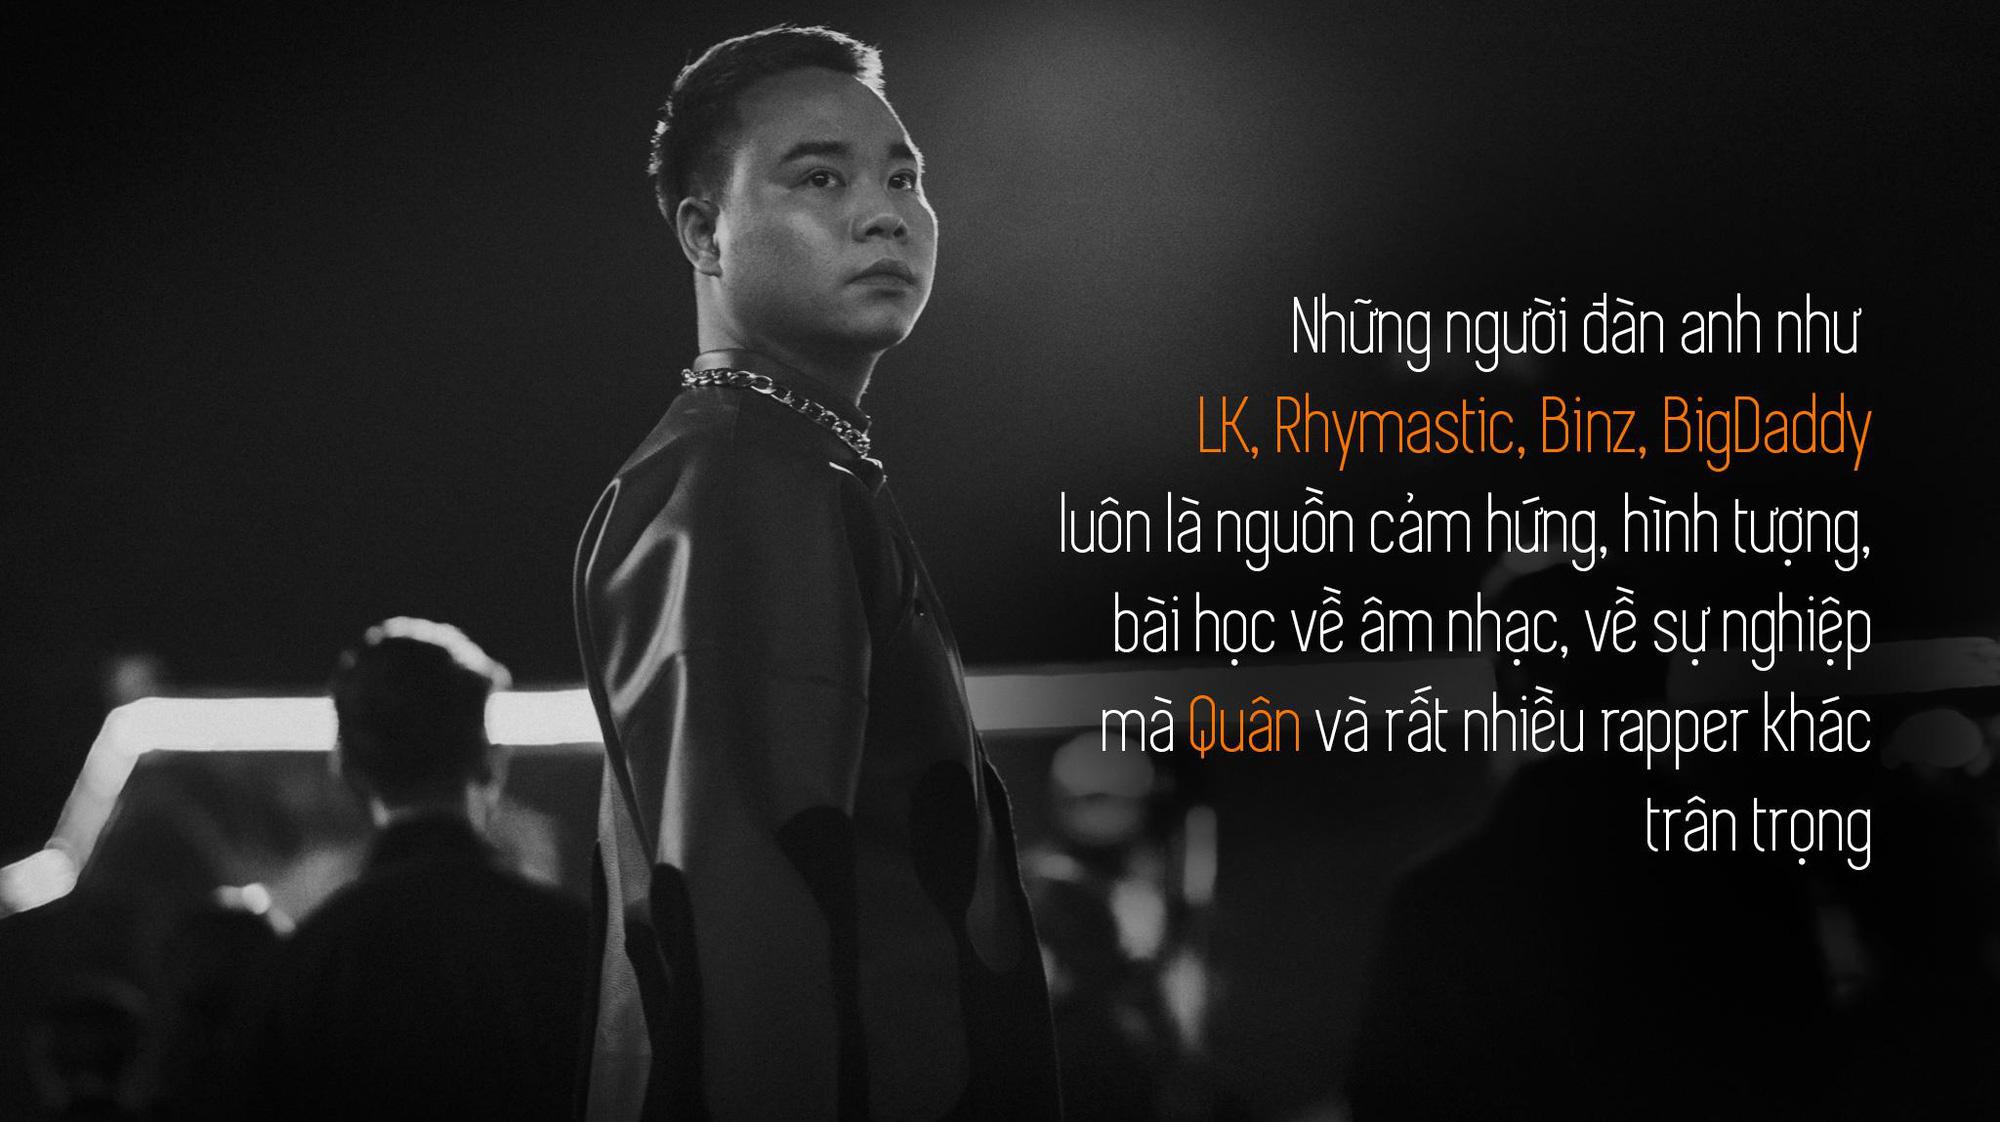 Quân R.E.V trải lòng sau MV Chí Nam Nhi: Tôi tự đẩy mình vào thử thách, làm rap nhưng phải đậm chất Việt Nam - Ảnh 4.